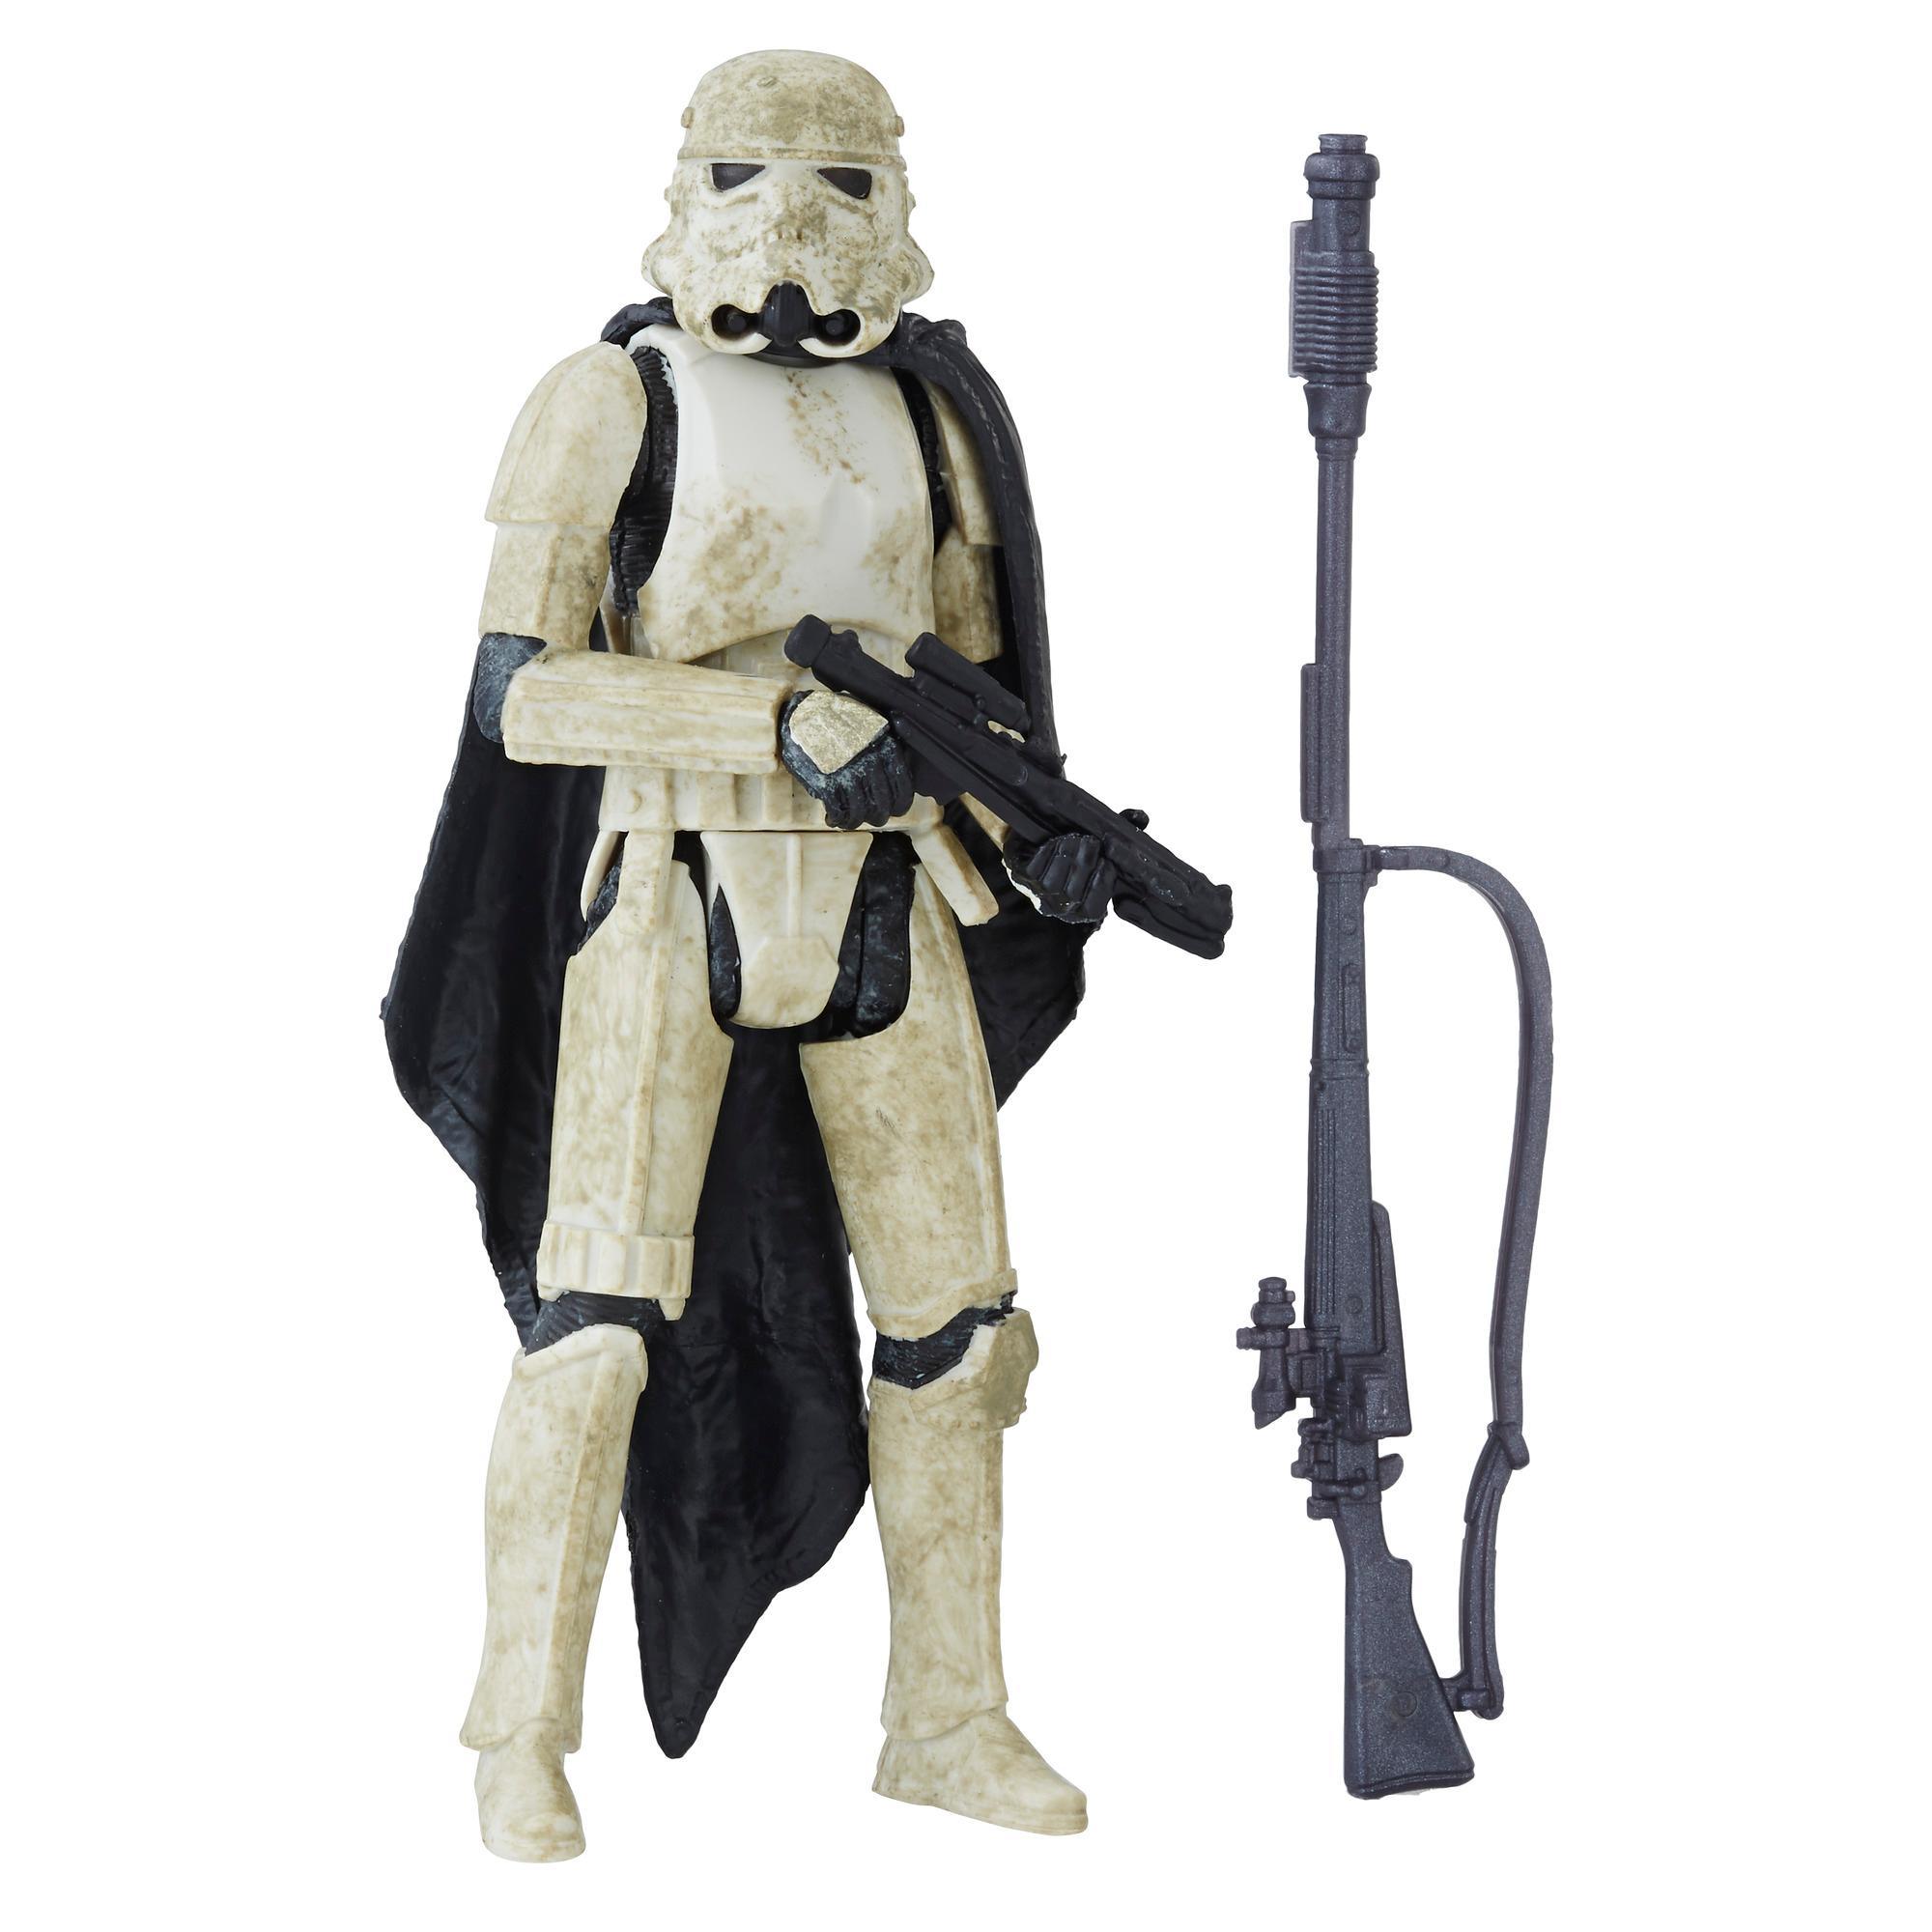 Star Wars Force Link 2.0 Stormtrooper (Mimban) Figure